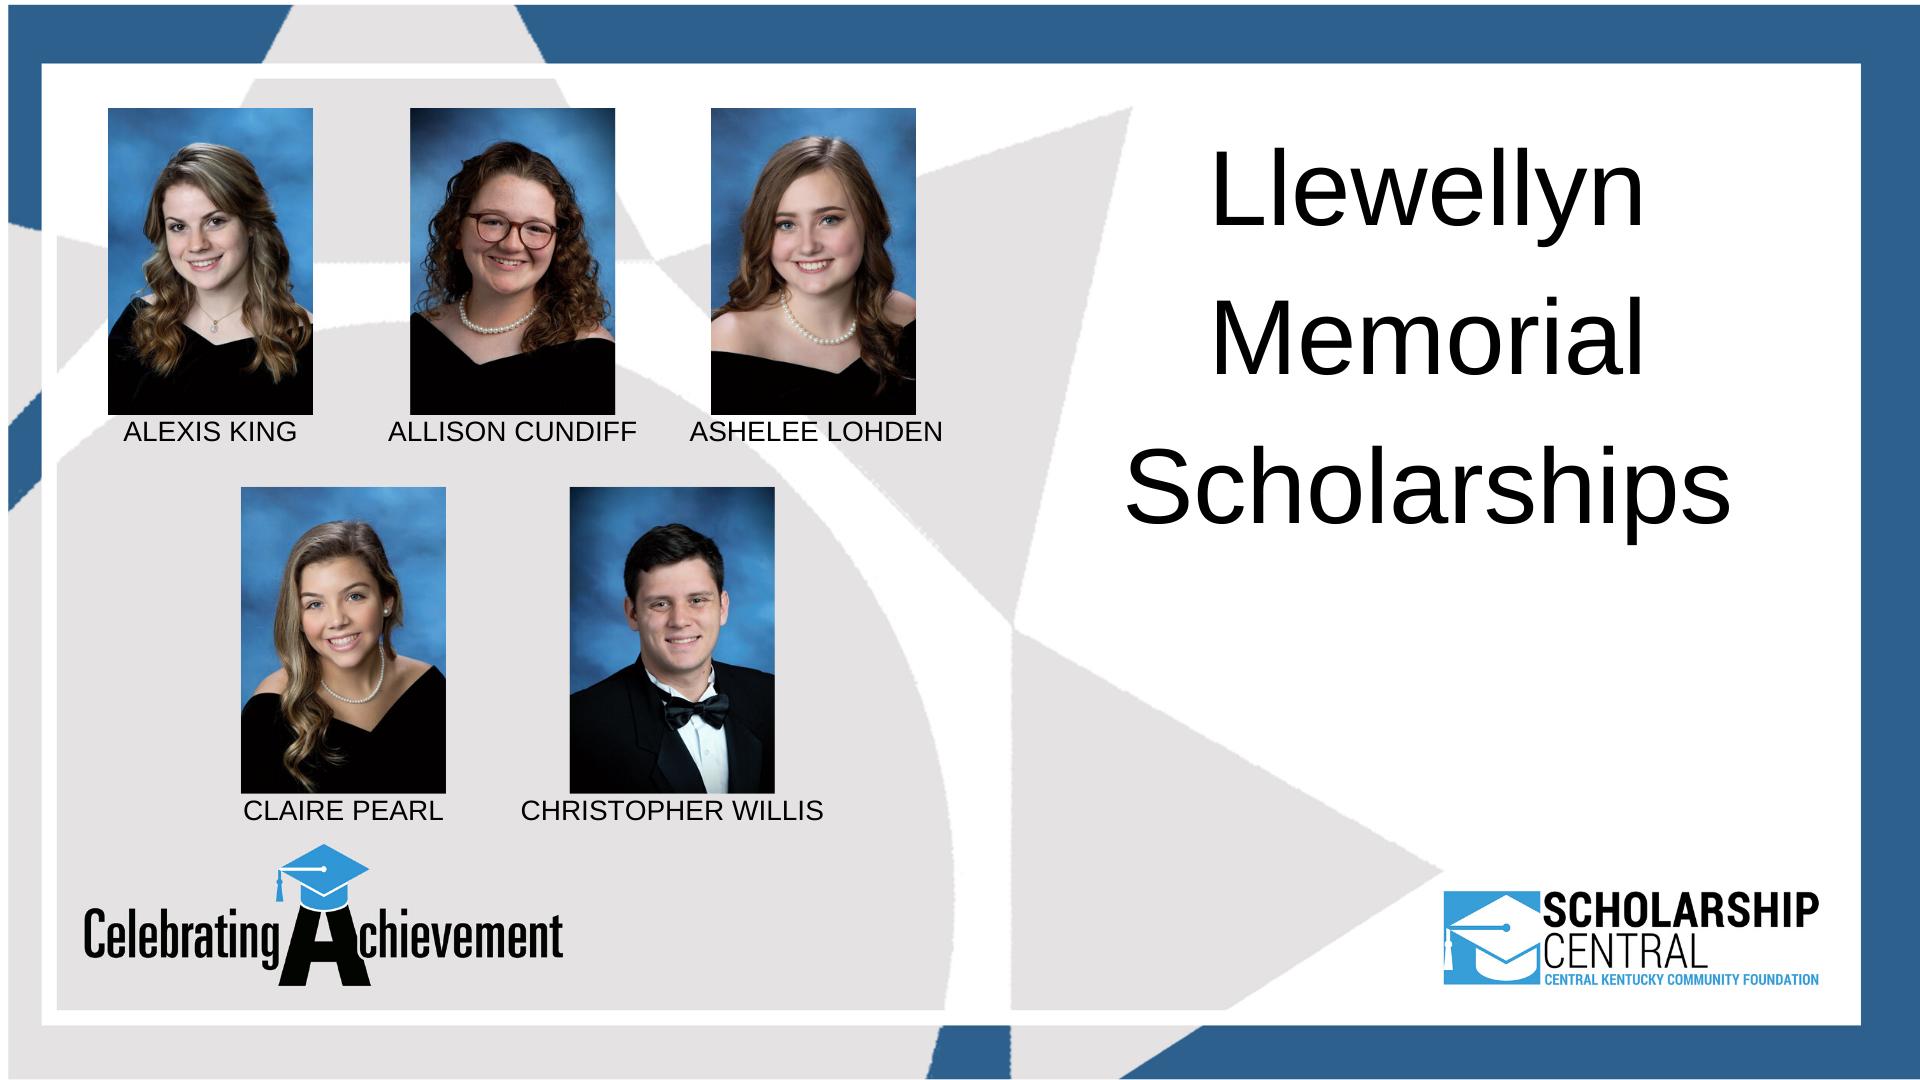 Llewellyn Memorial Scholarship1